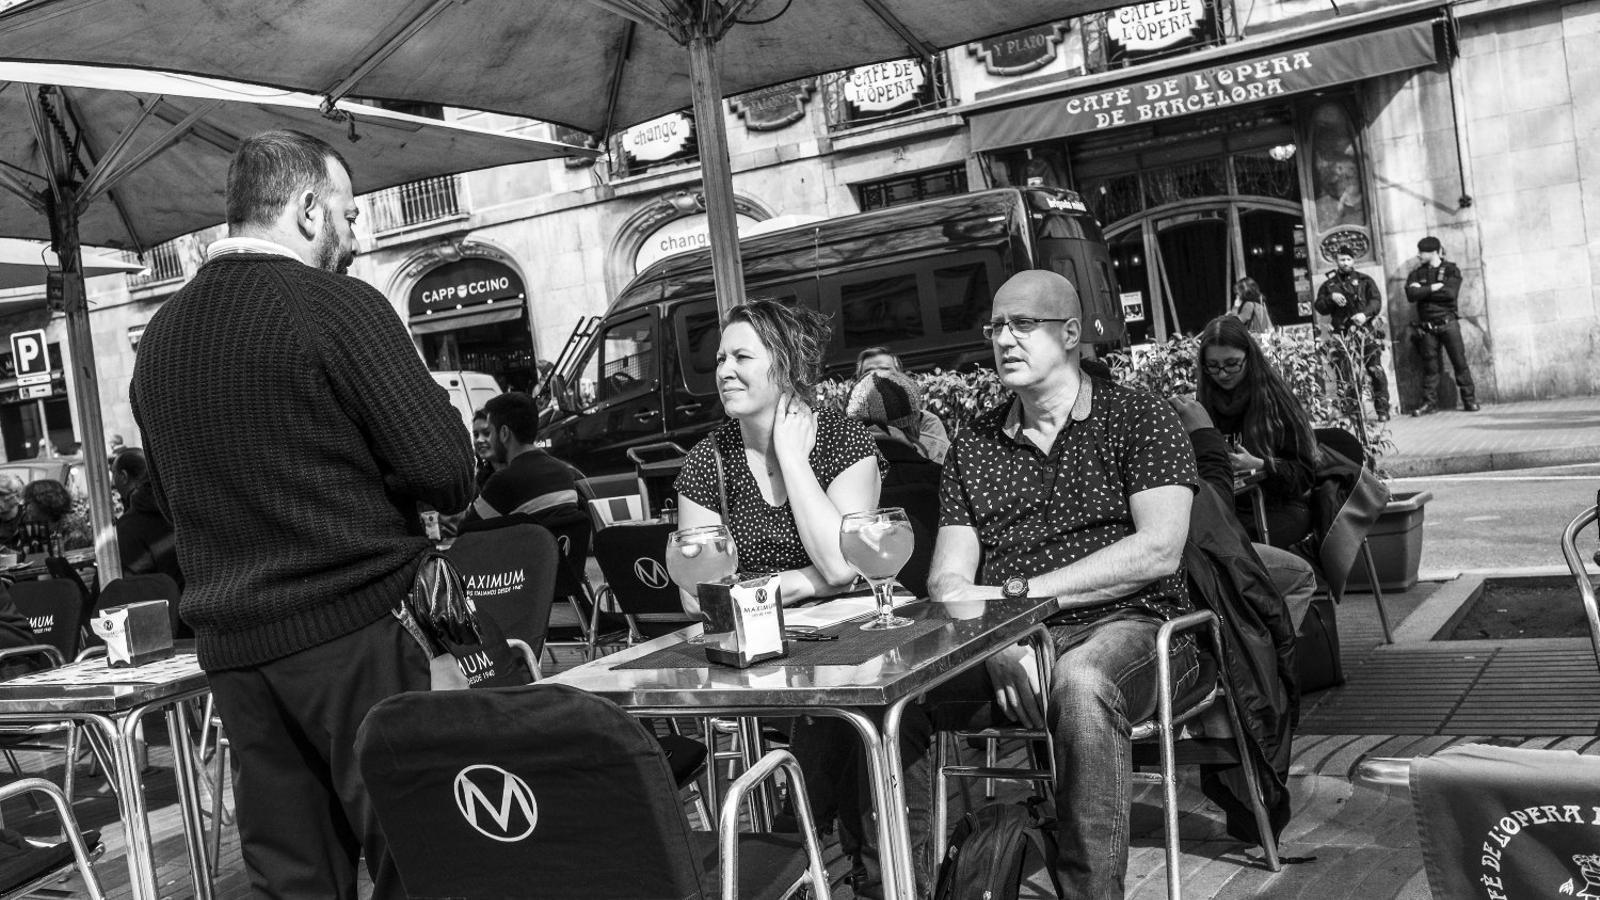 Uns turistes a la terrassa del Café de l'Òpera divendres al migdia